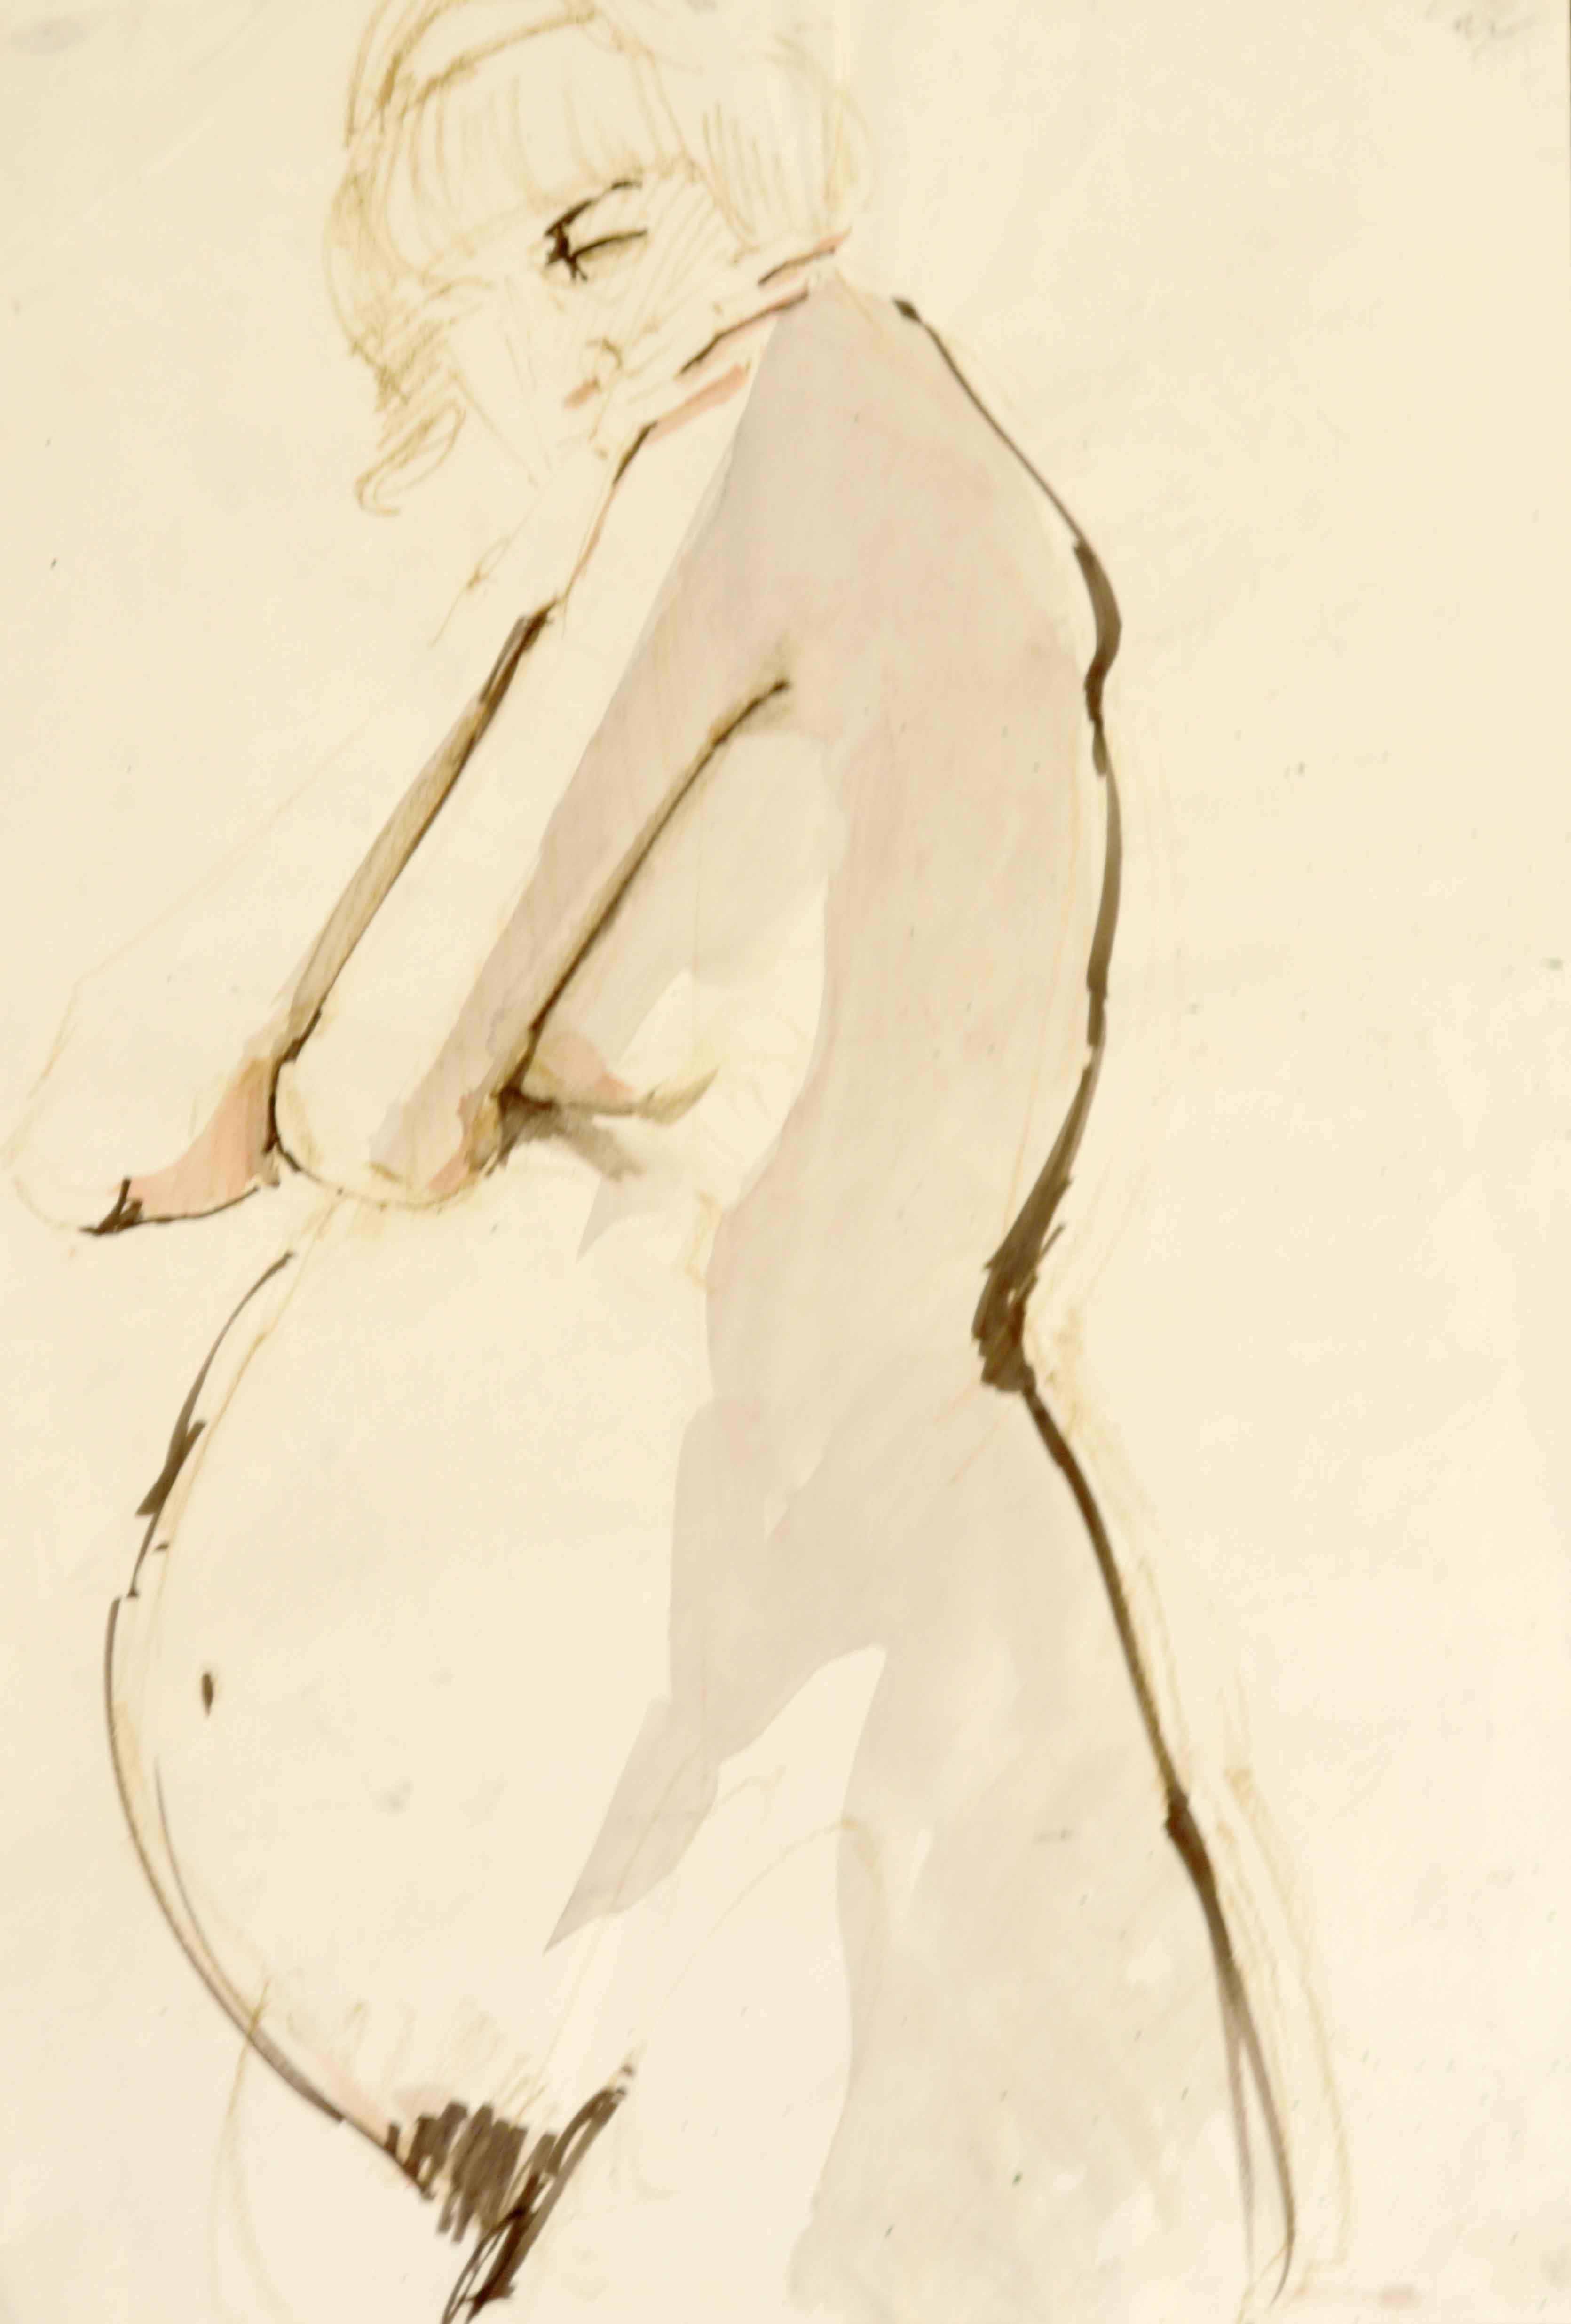 Mod�le vivant femme enceinte aquarelle sur papier format raisin  cours de dessin